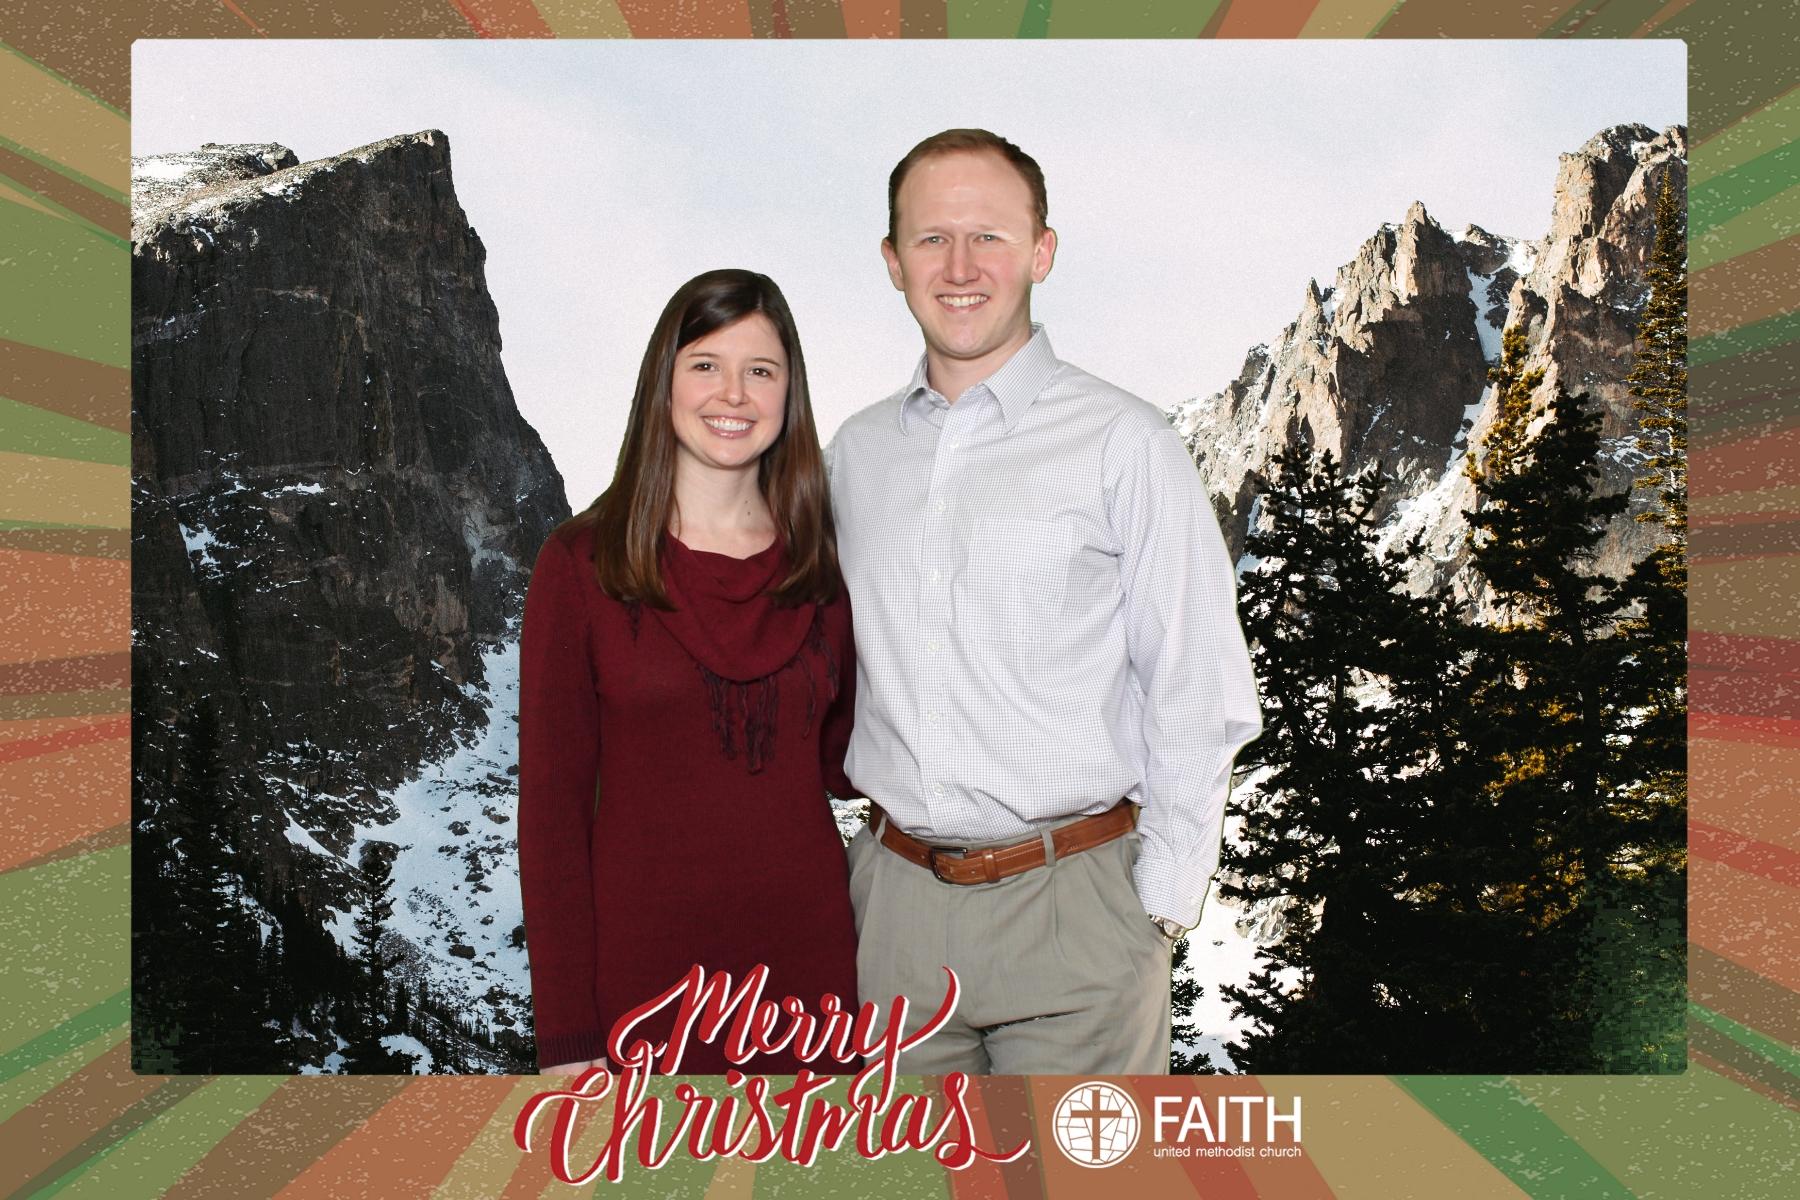 Faith2018_2018-12-24_17-03-28.jpg